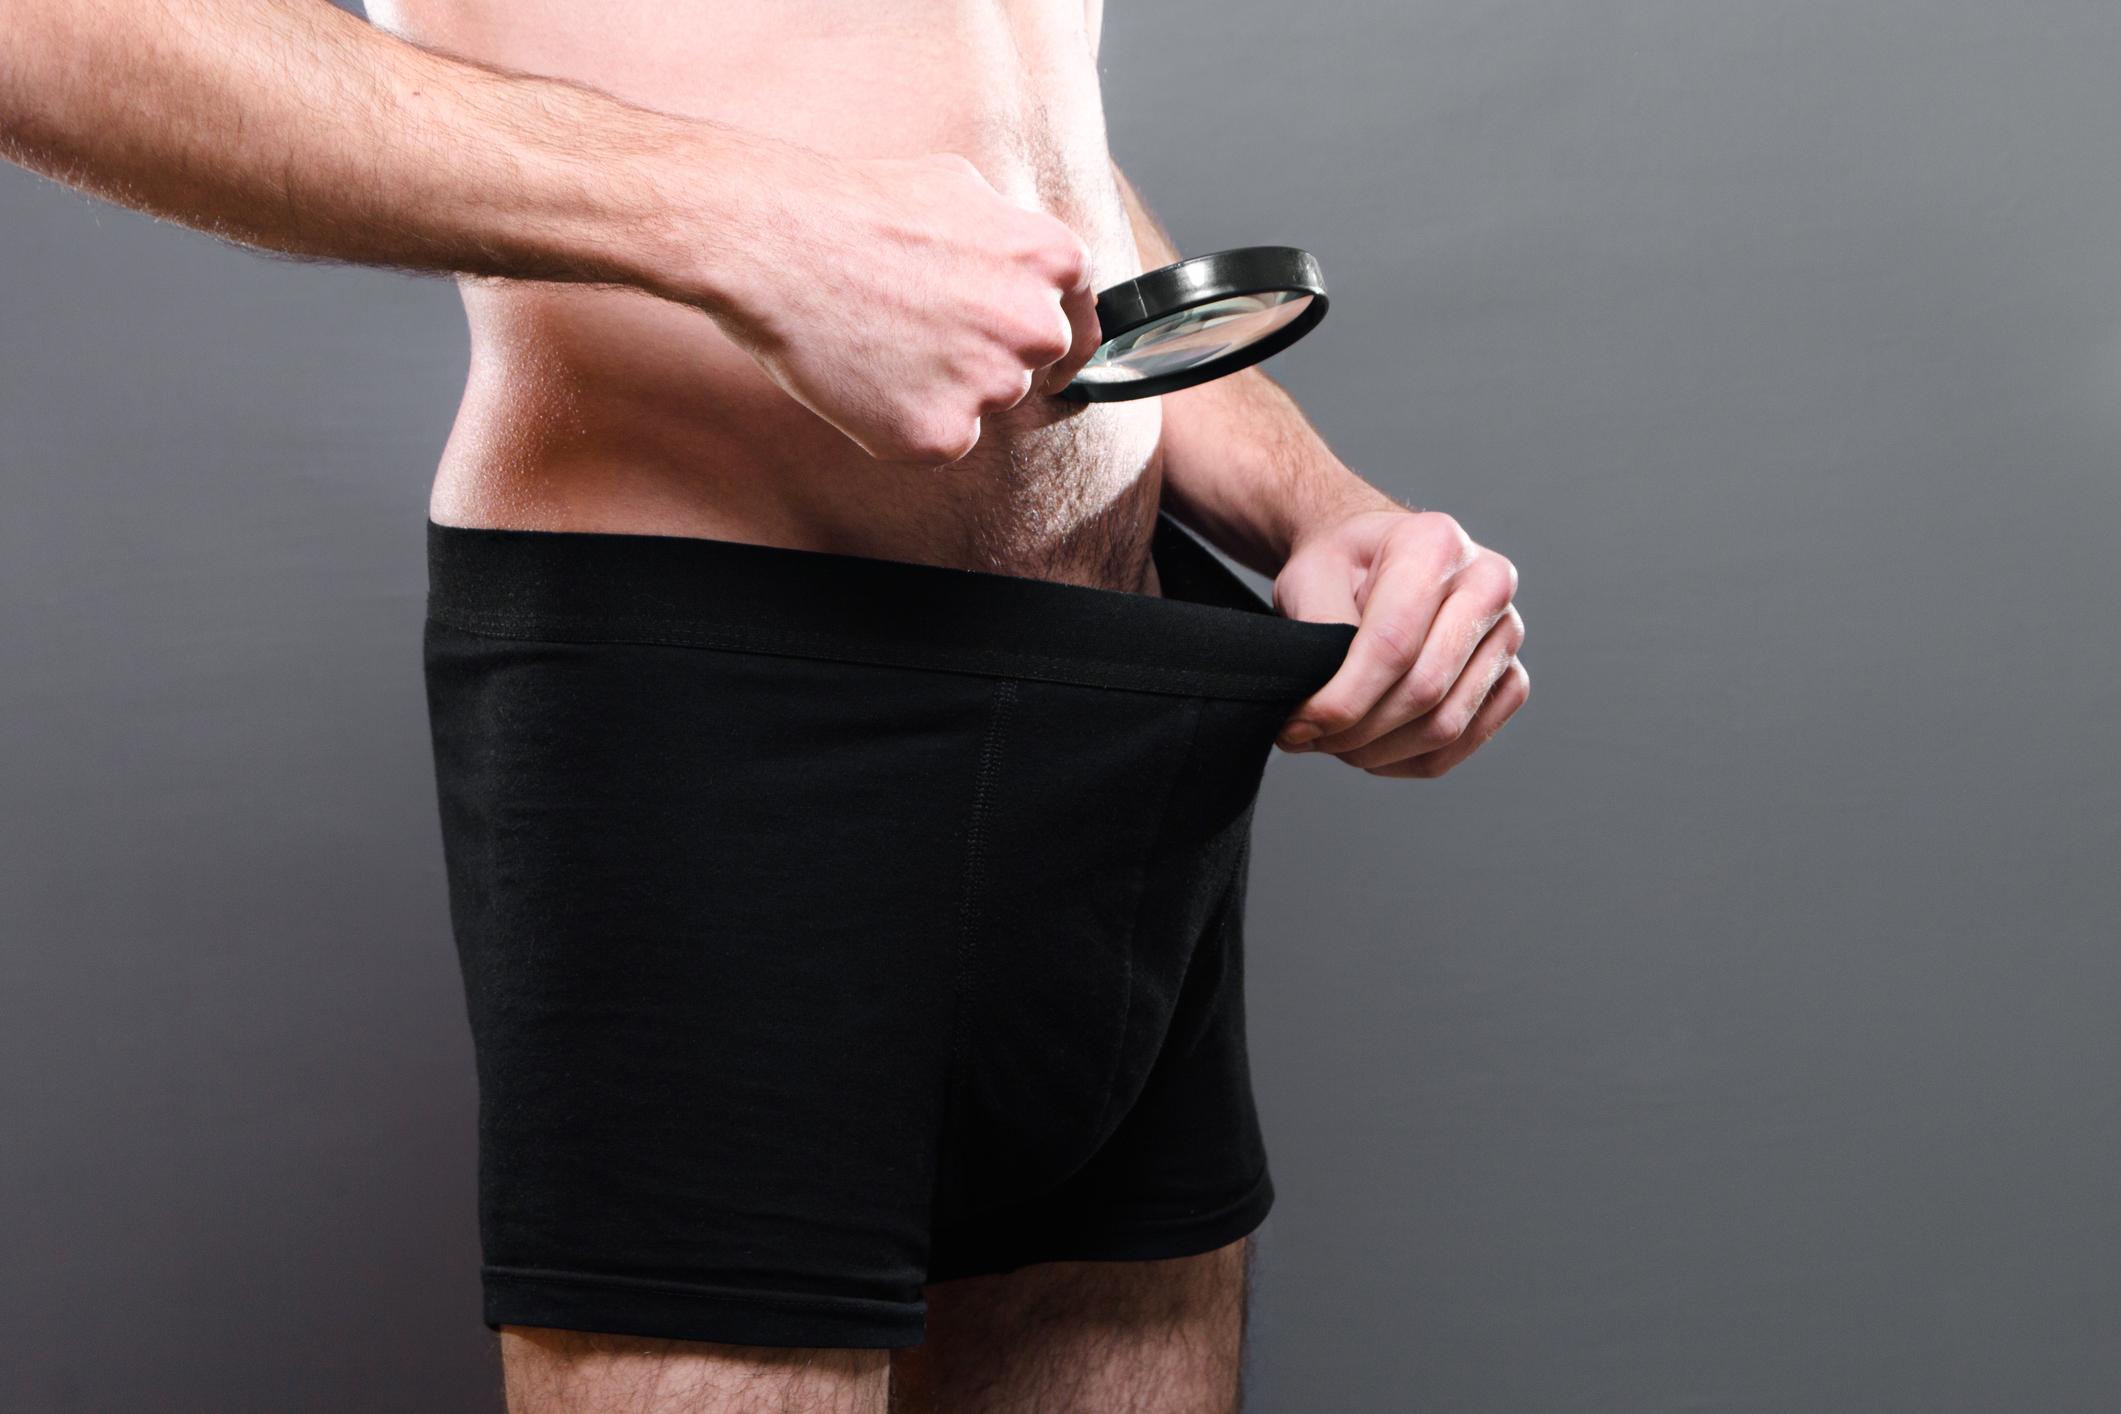 miért van a srácnak kicsi a pénisz